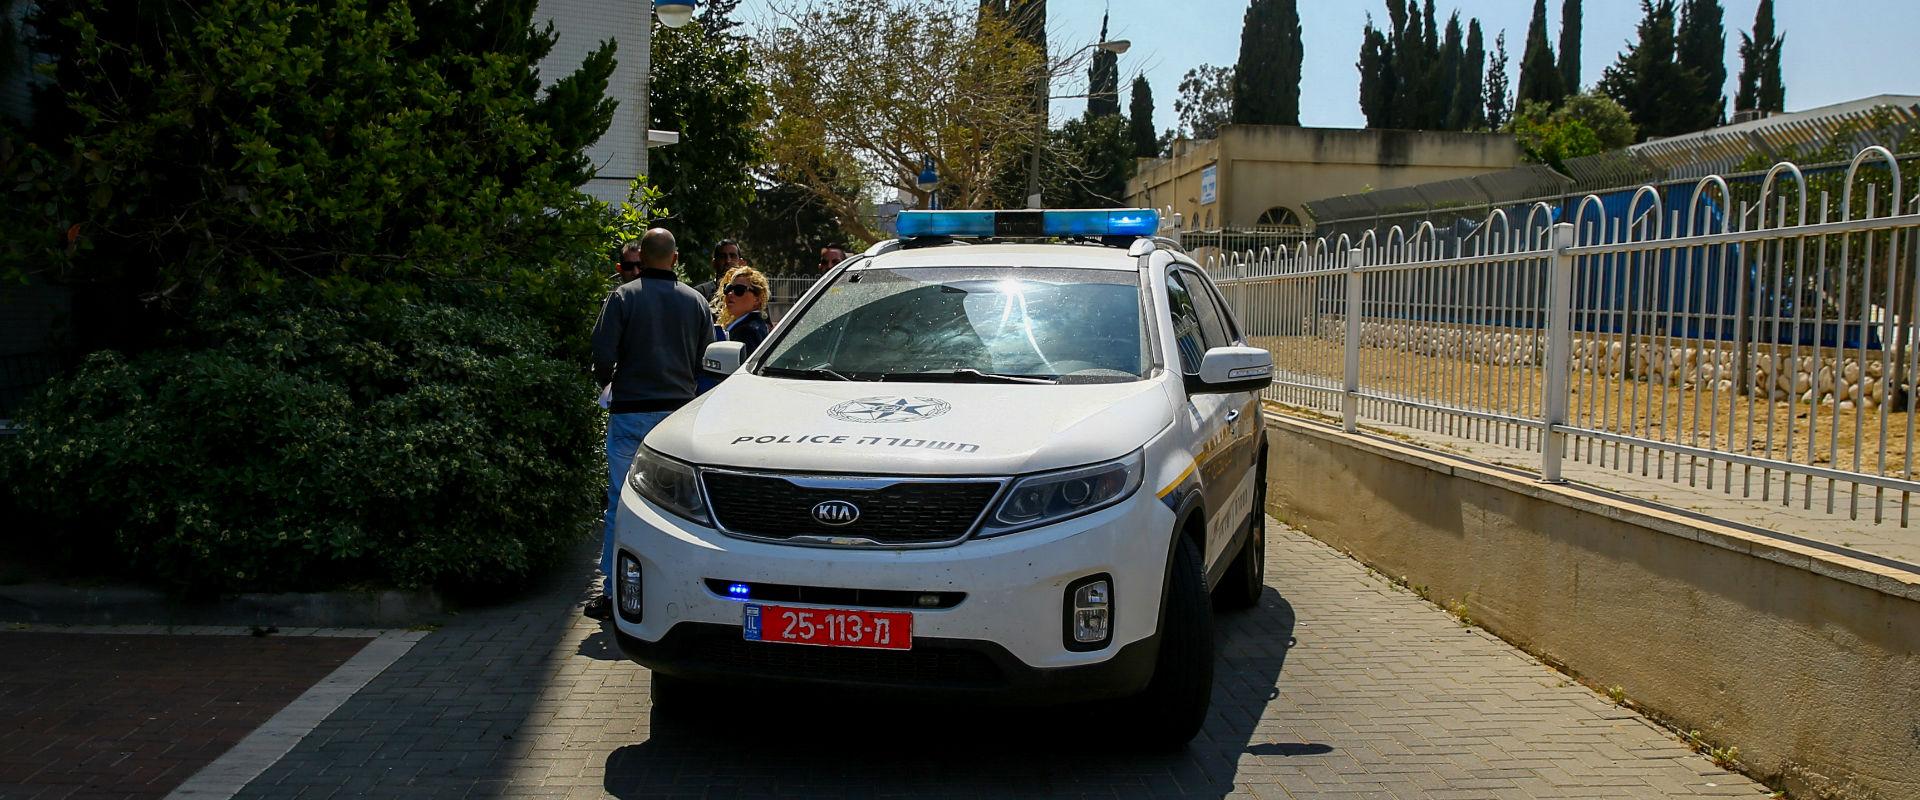 ניידת משטרה (צילום: פלאש 90)